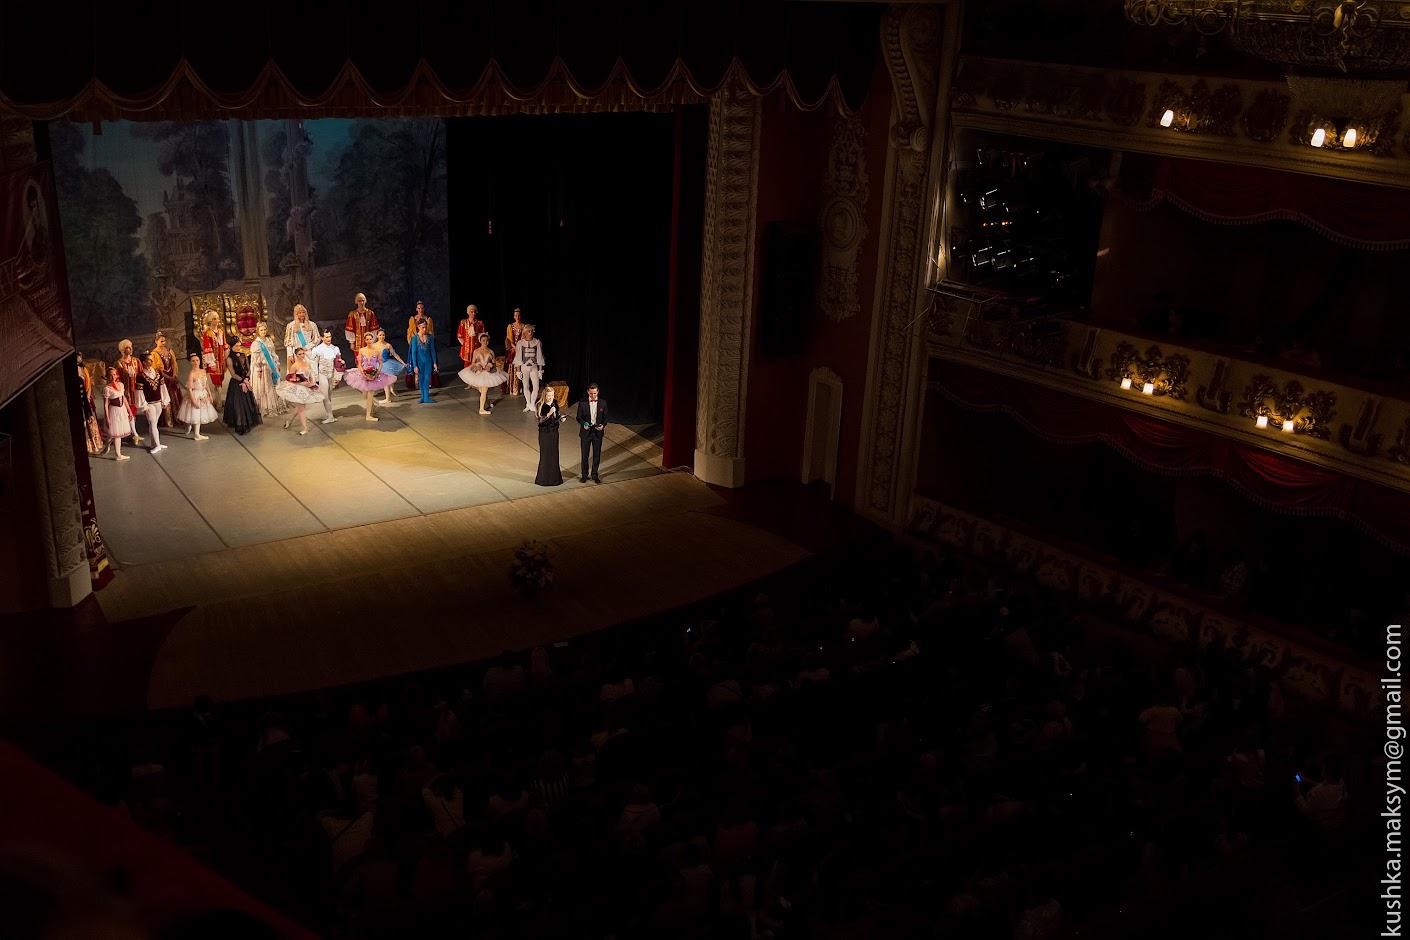 П'ятнадцятий фестиваль Чайковського та фон Мекк завершився балетом-феєрією на вінницькій сцені